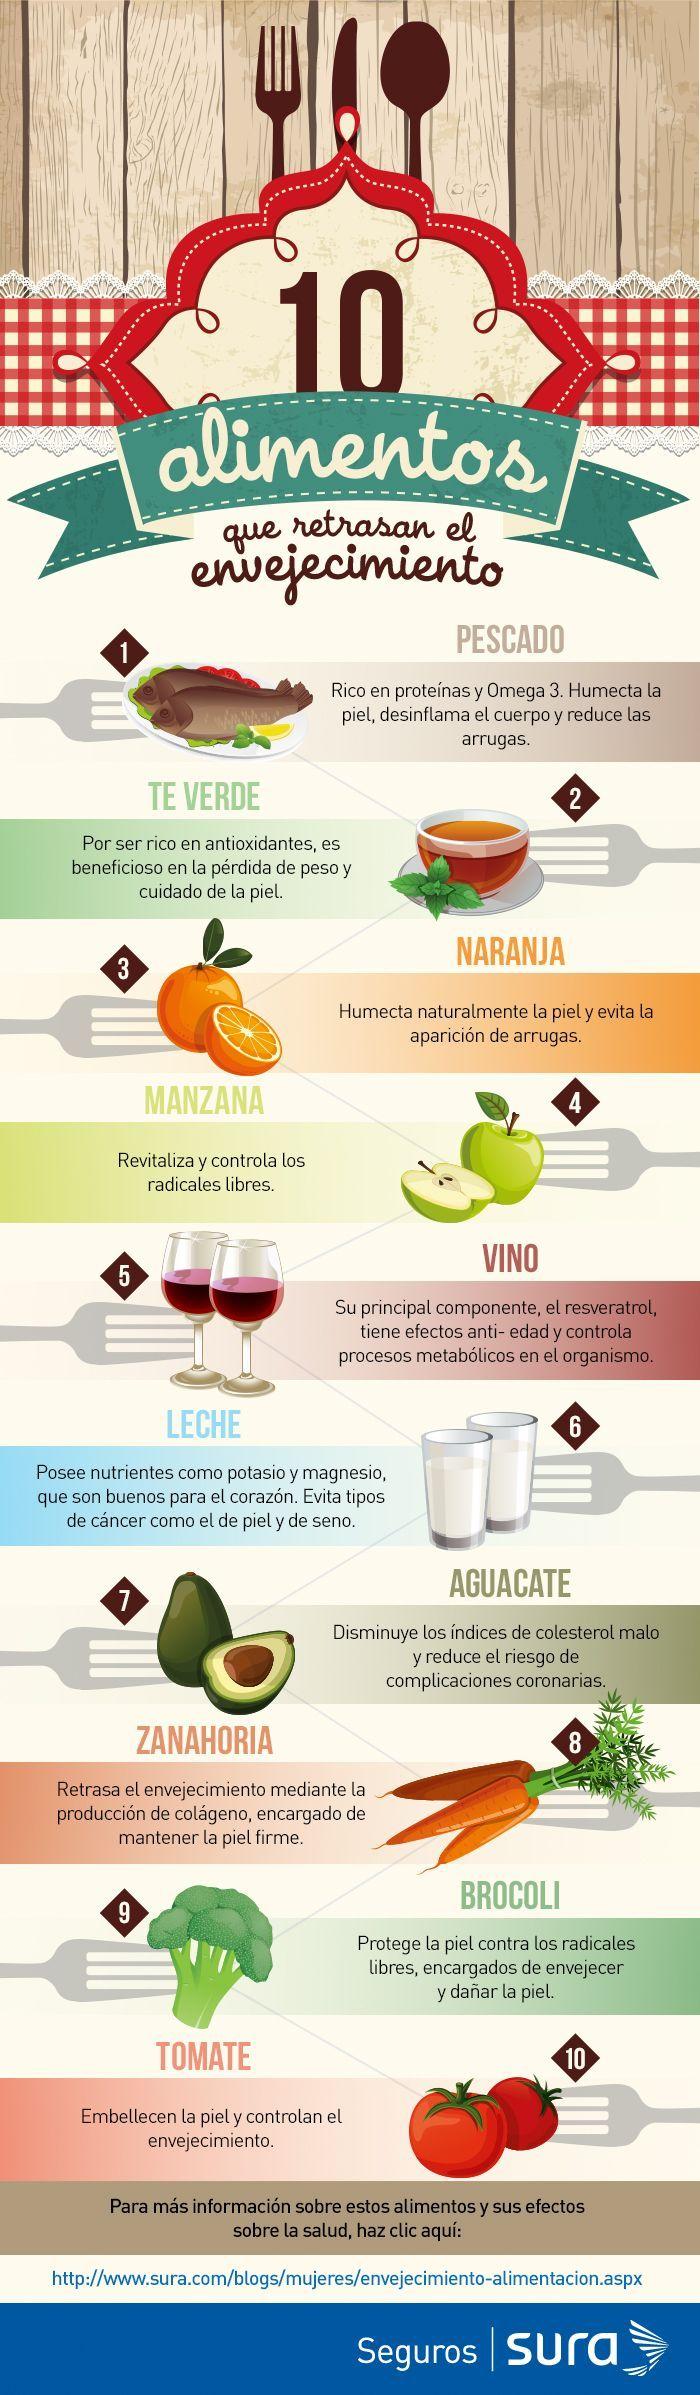 10 alimentos para  retrasar el envejecimiento. #envejecimiento #infografía #infographic #saludable #alimentos